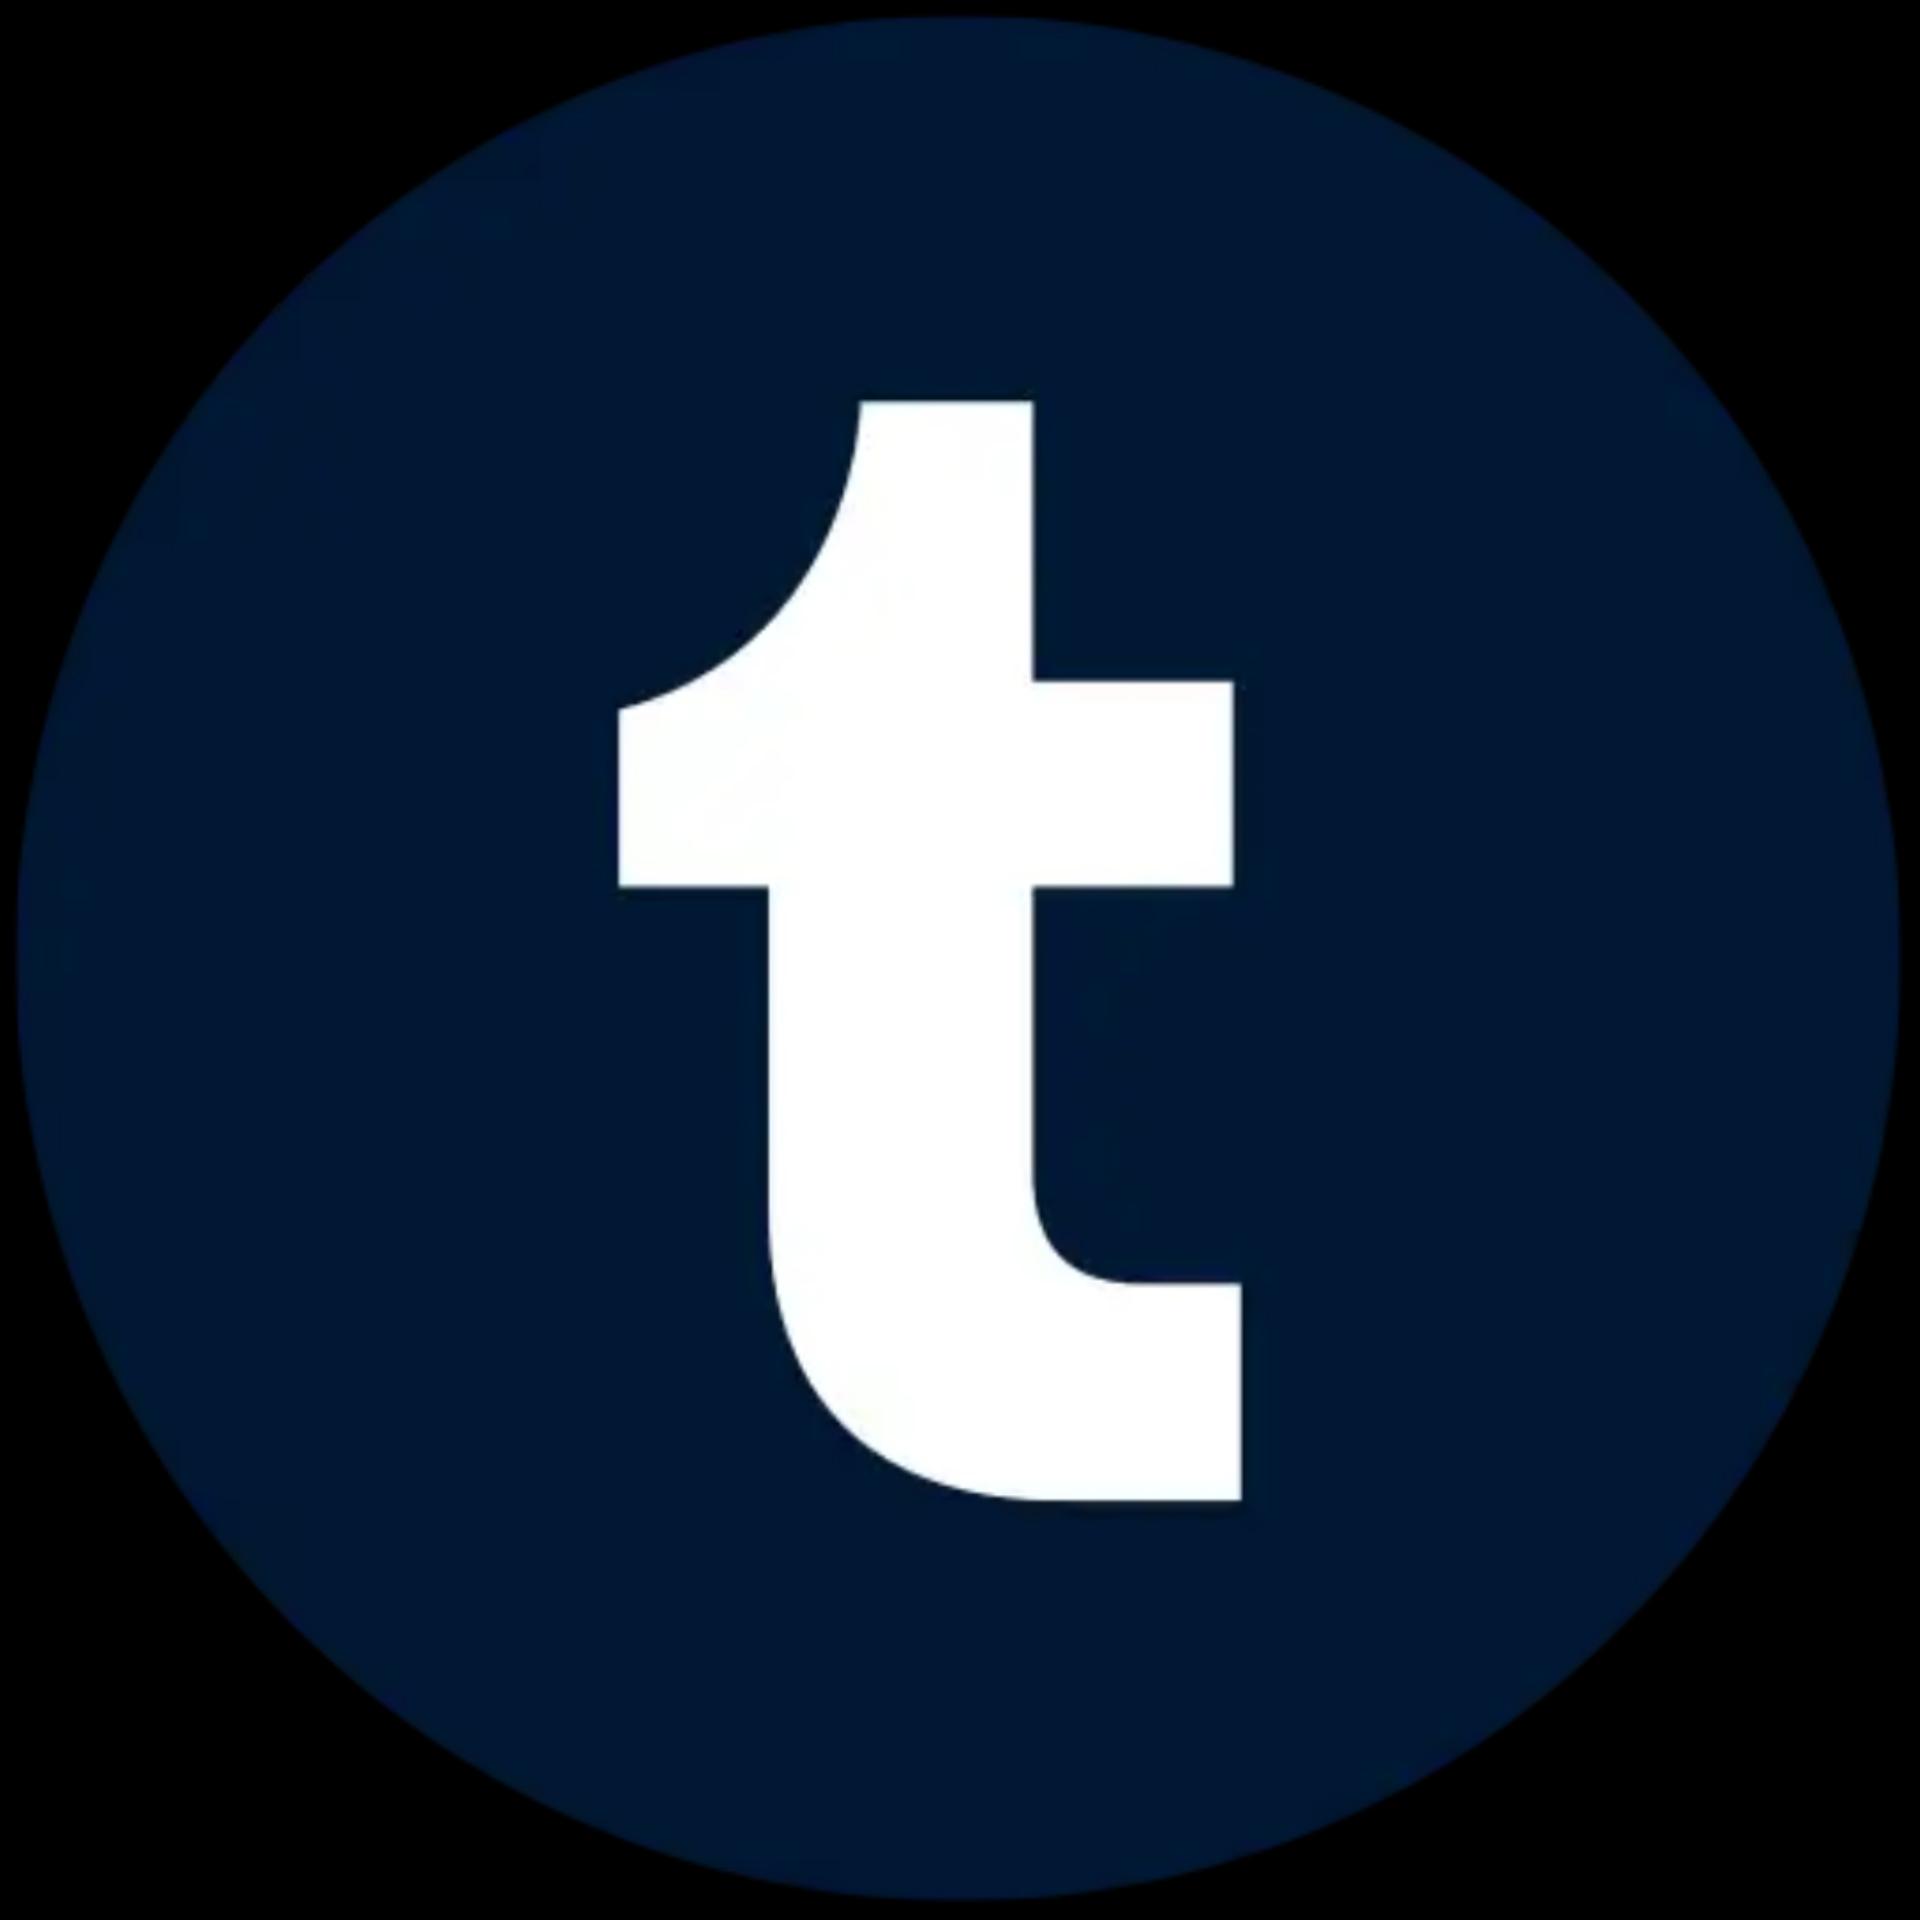 Tumblr アプリ トップ アイコン 画像